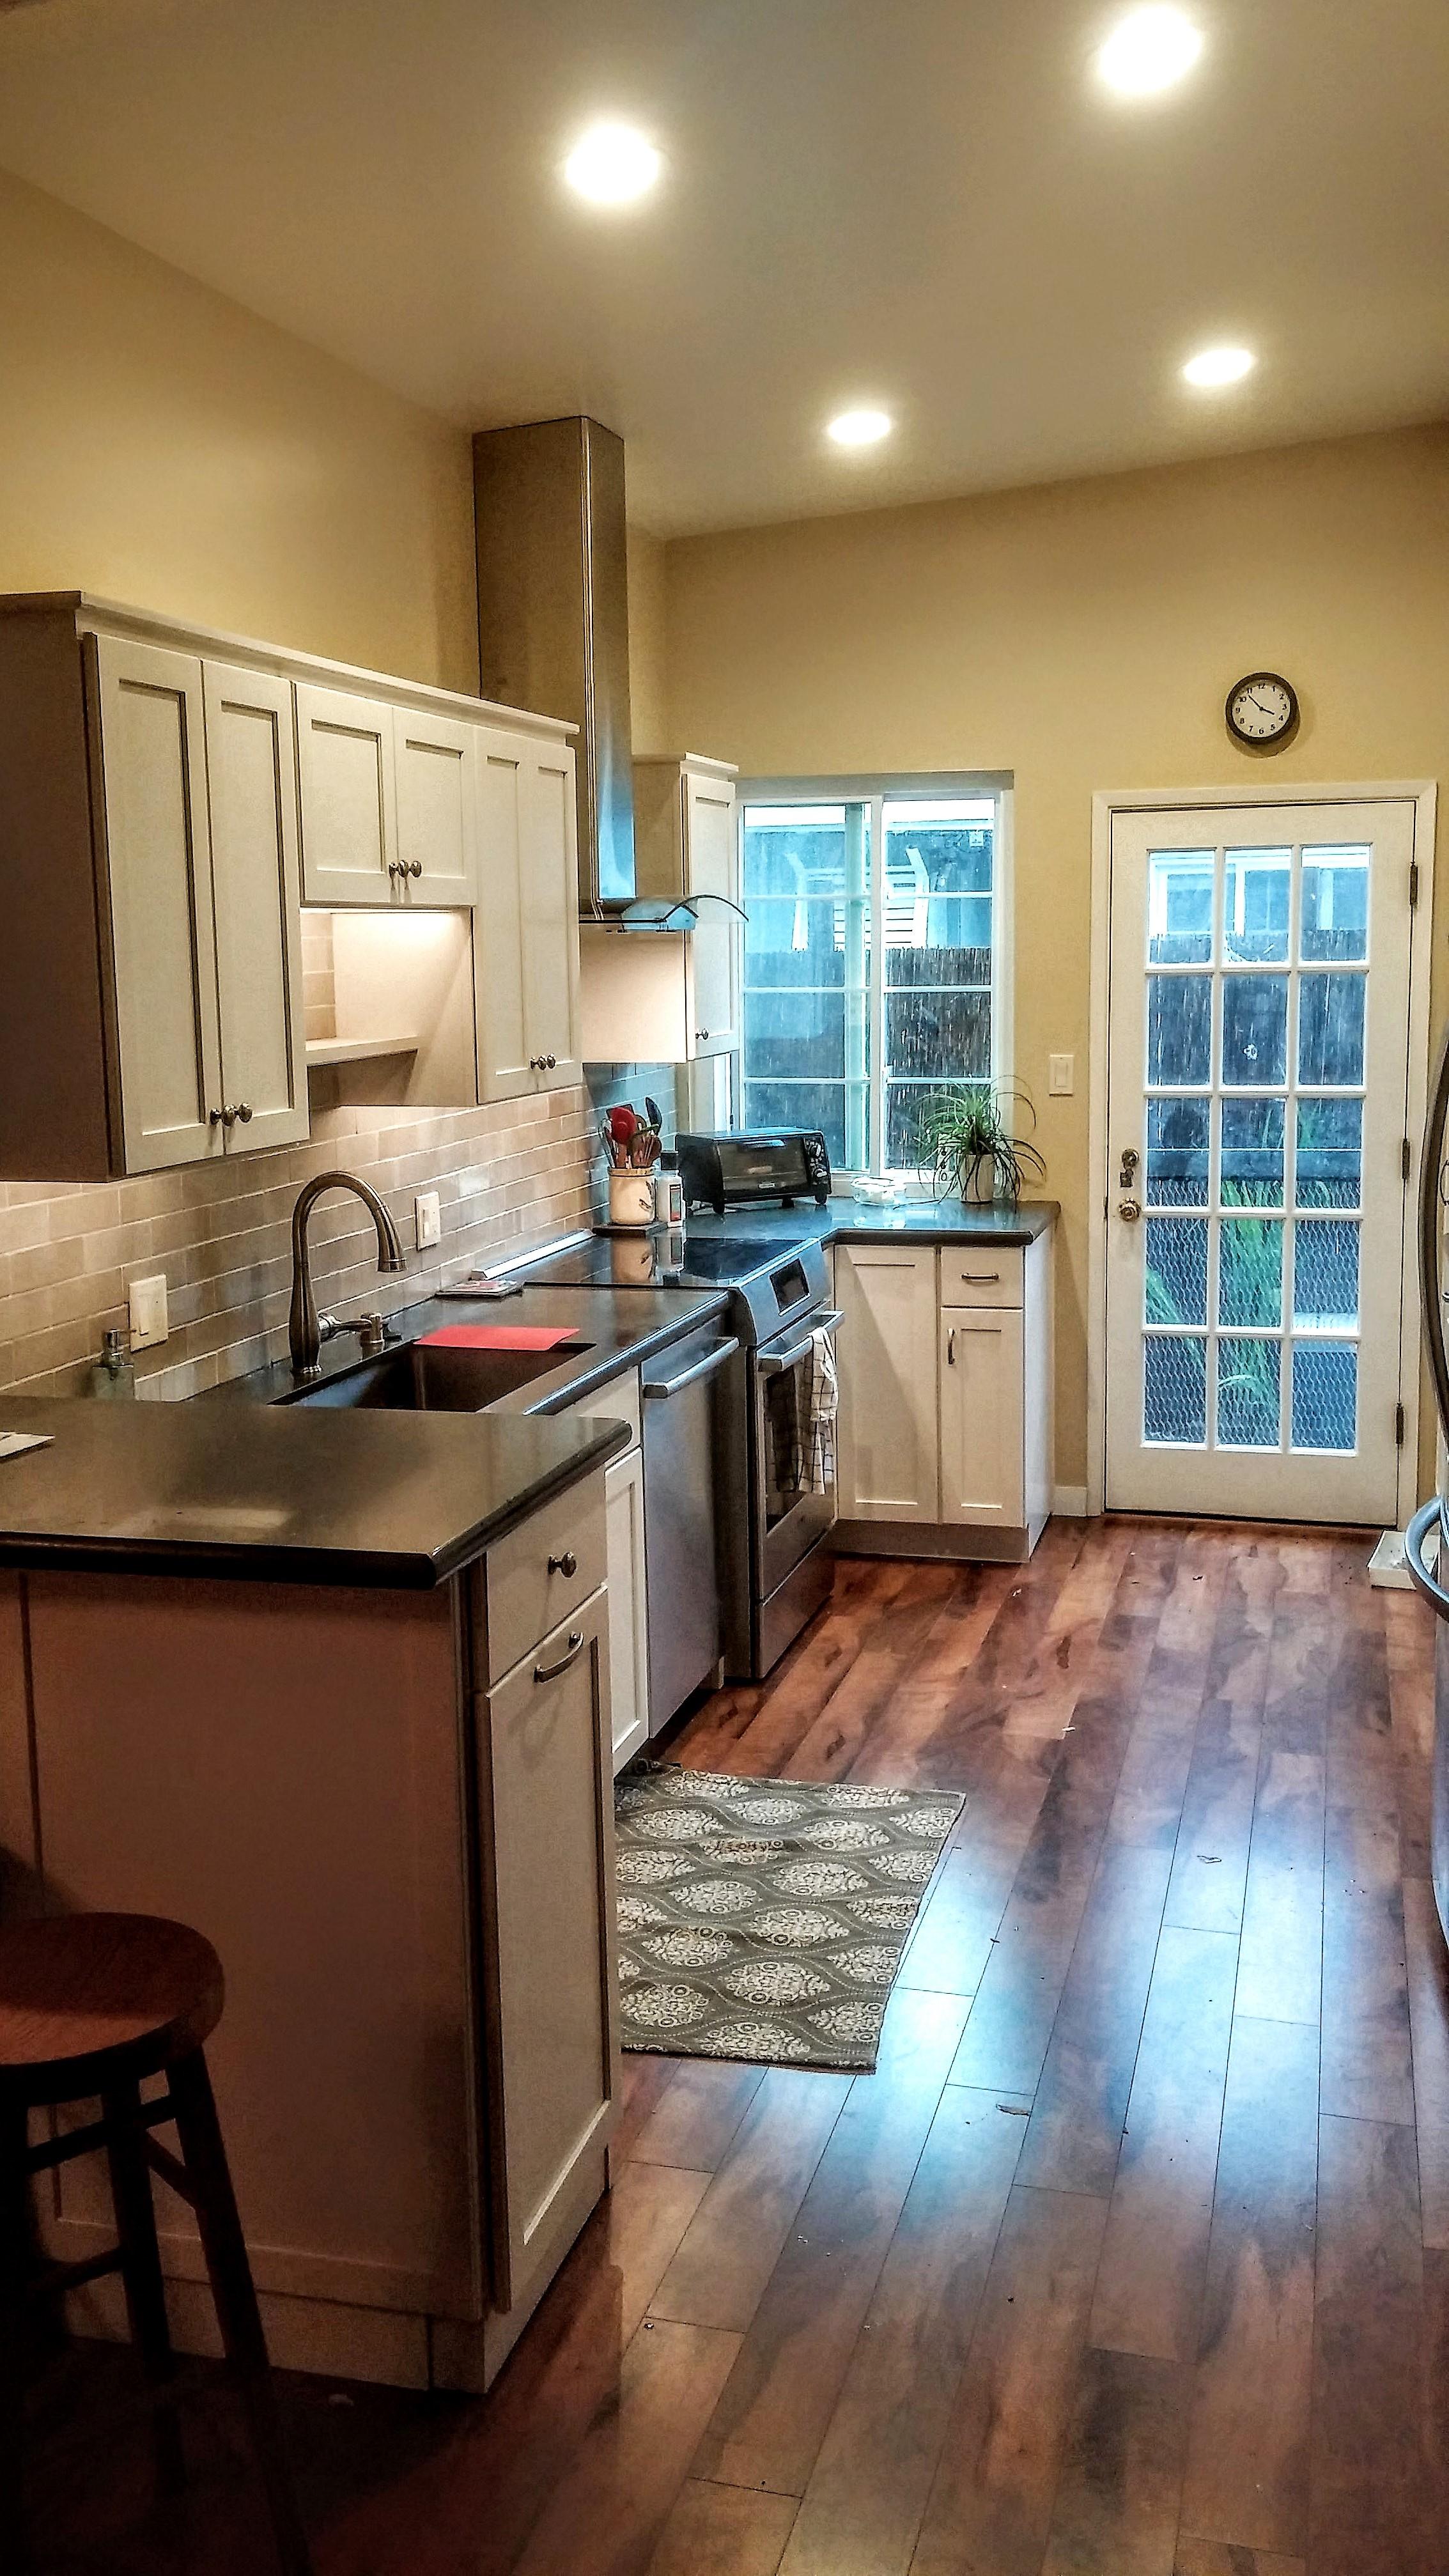 Contemporary Kitchen Remodel - San Rafael, CA